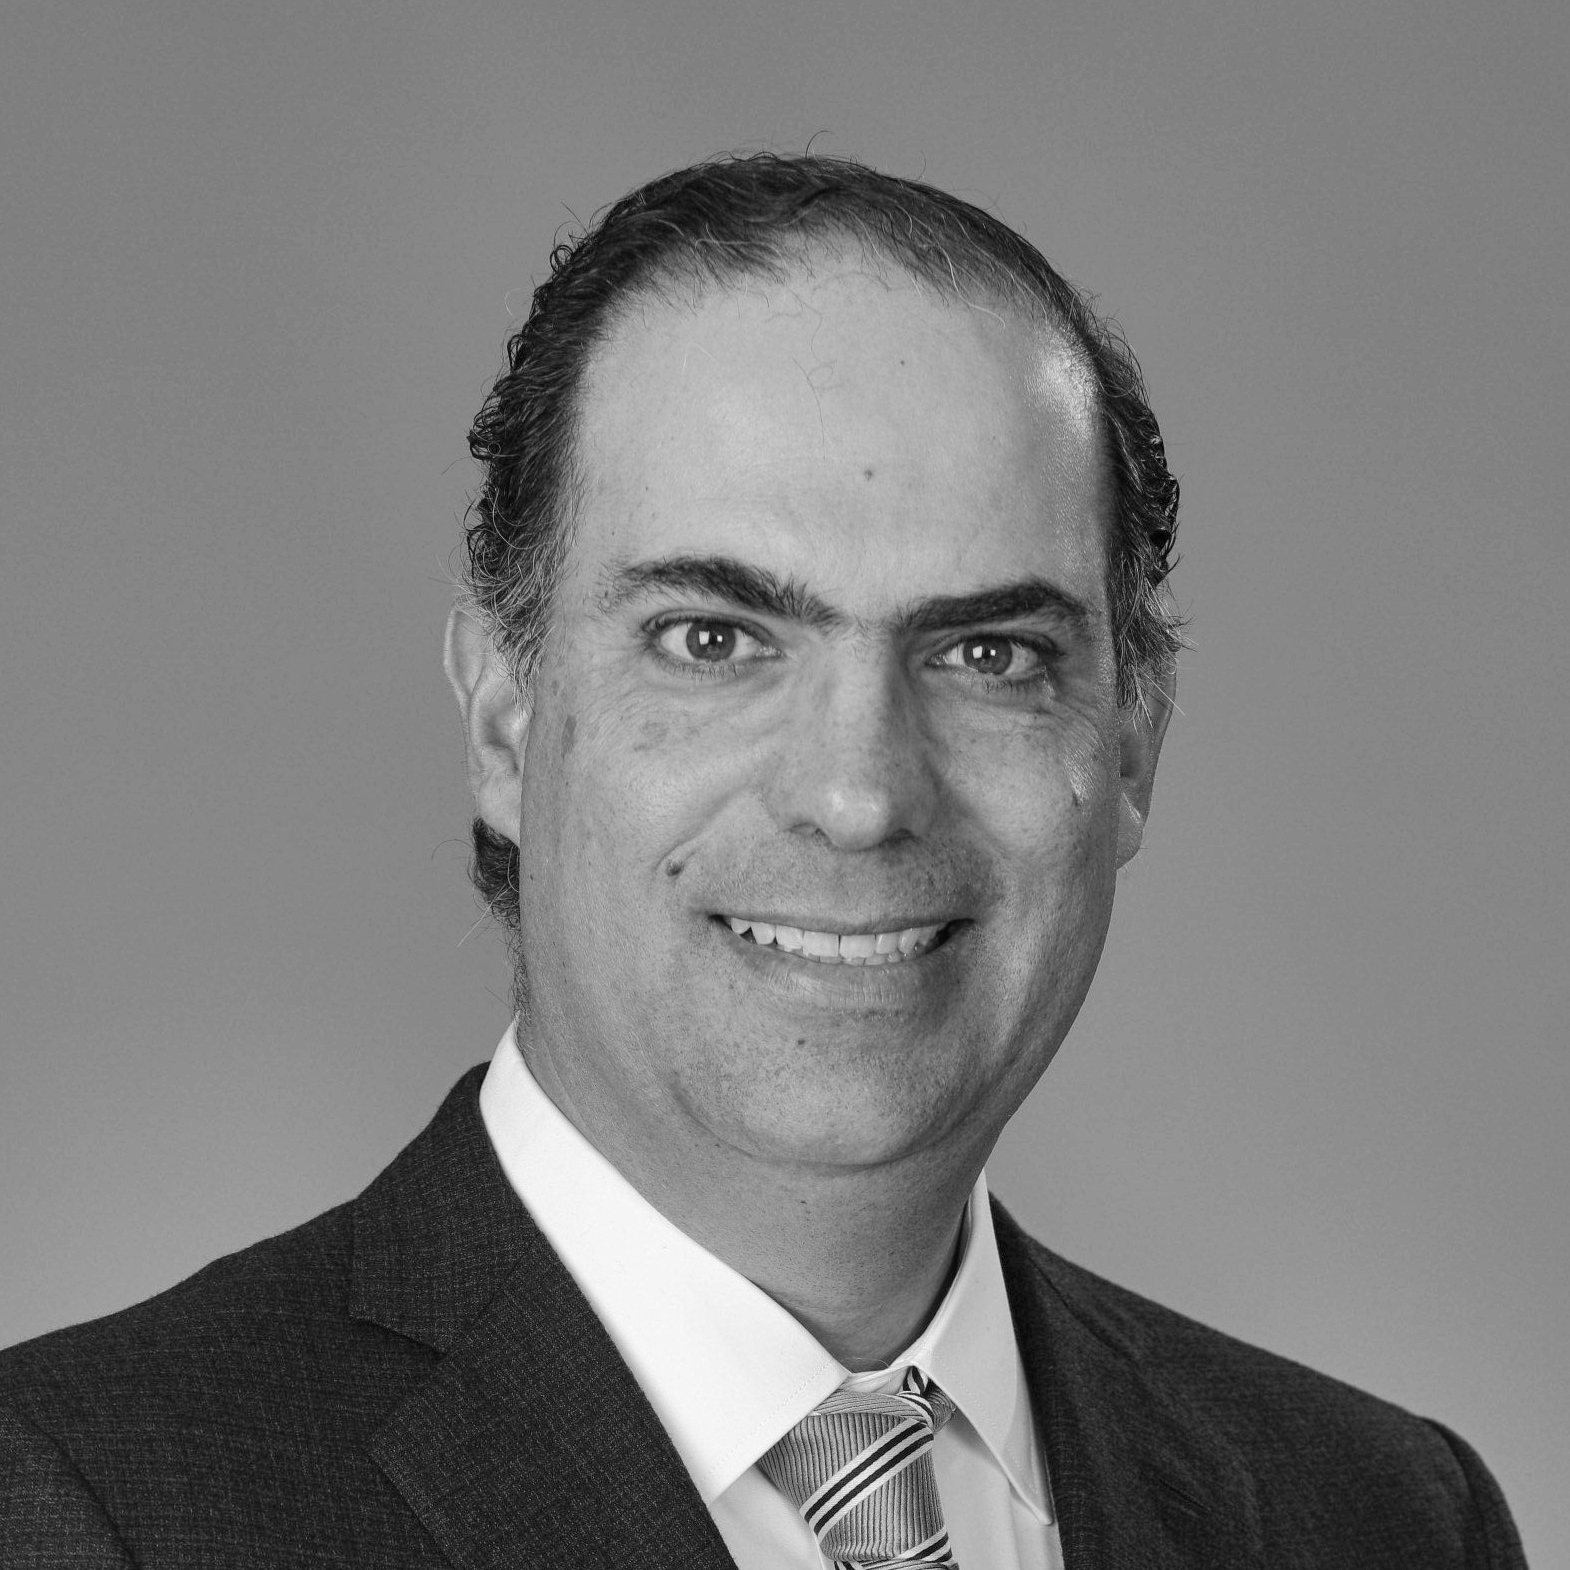 Fernando Hernández Gómez